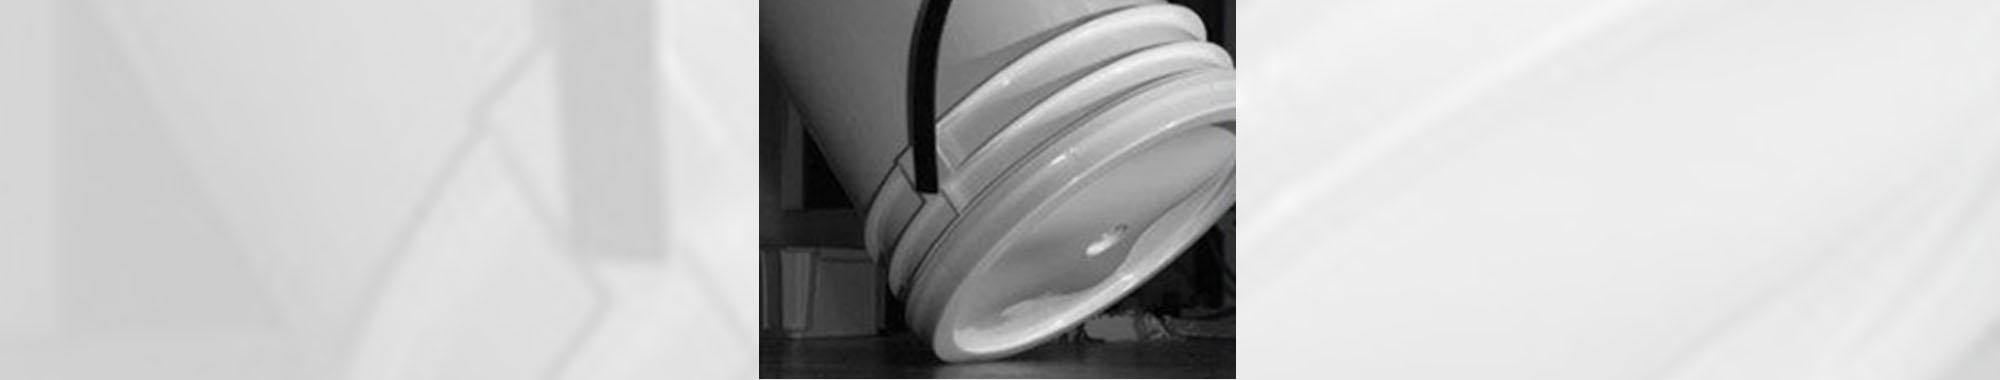 合成樹脂容器の落下時の挙動の可視化